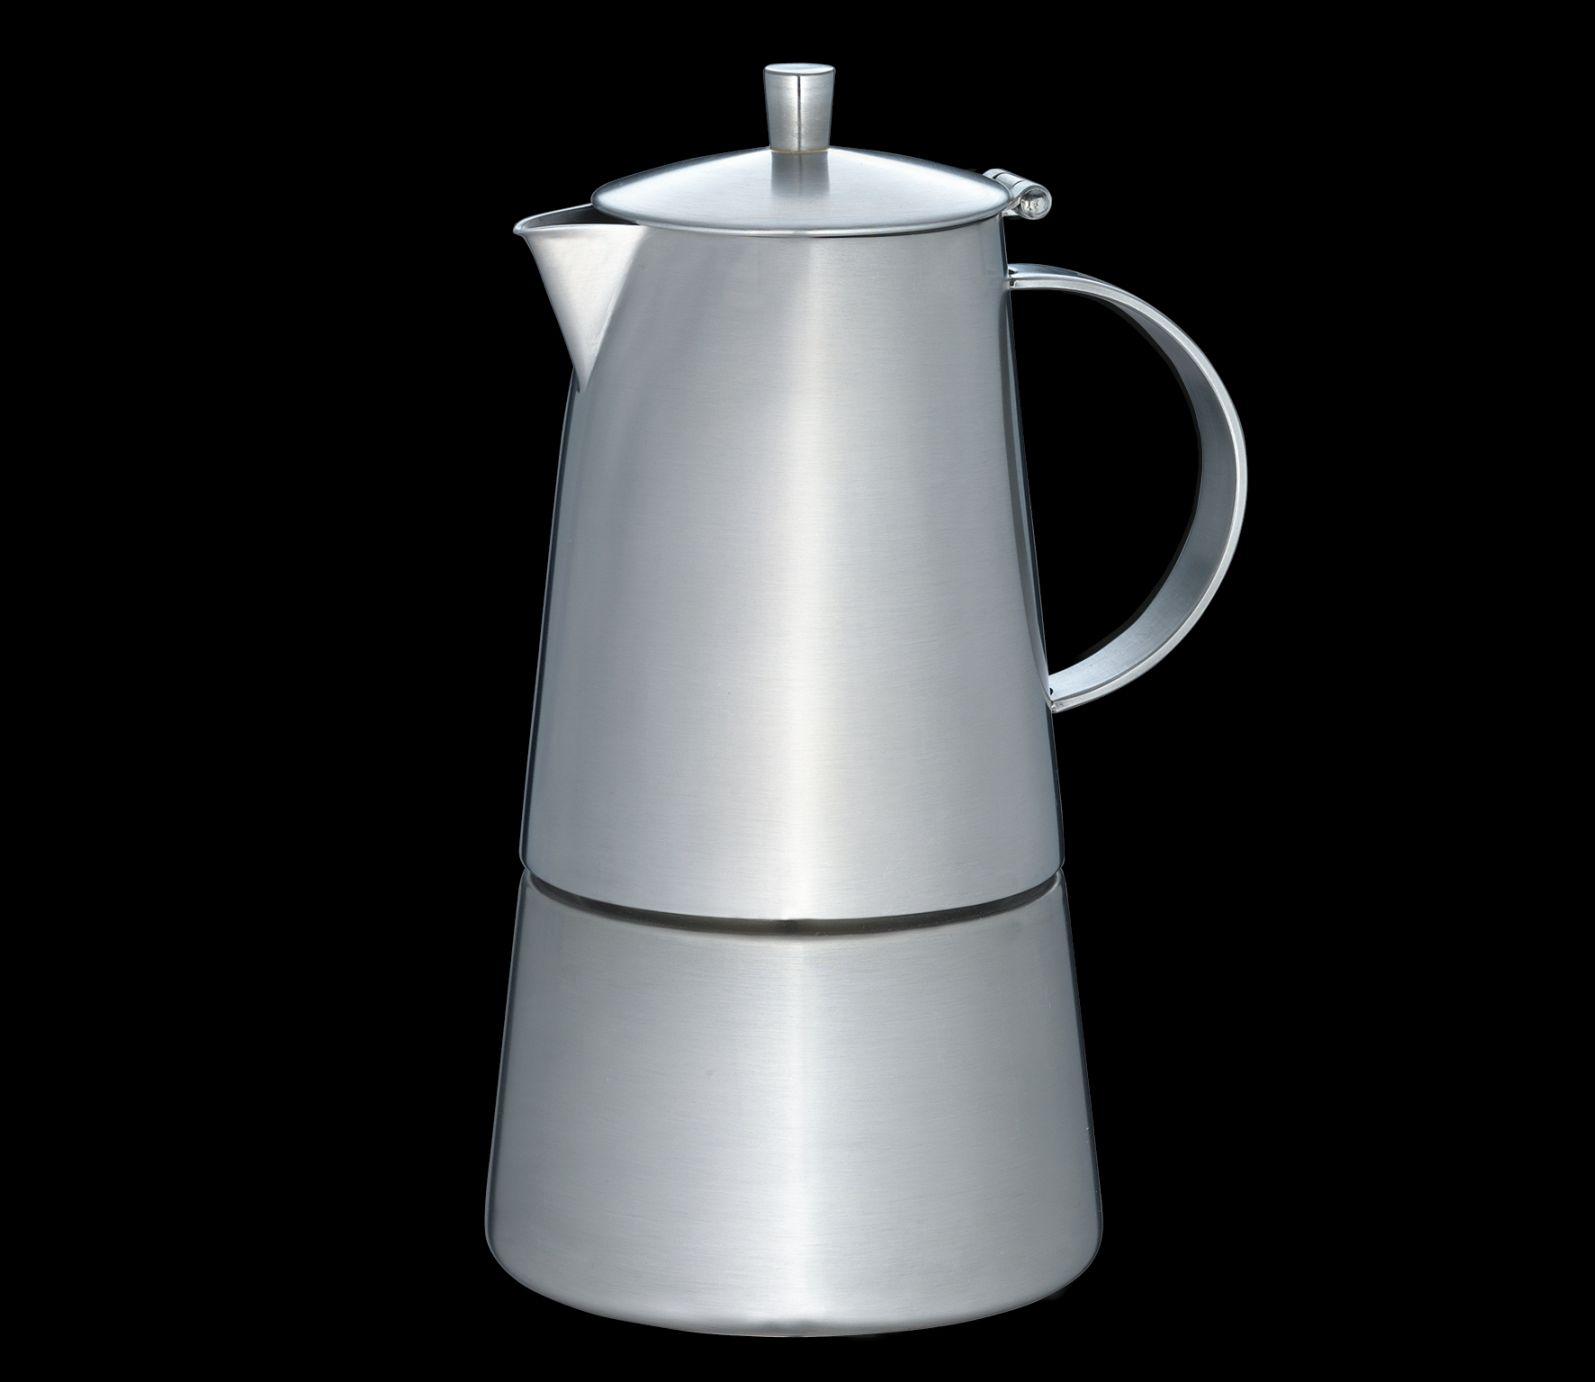 Kávovar na 6 šálků MODENA 300 ml - Cilio